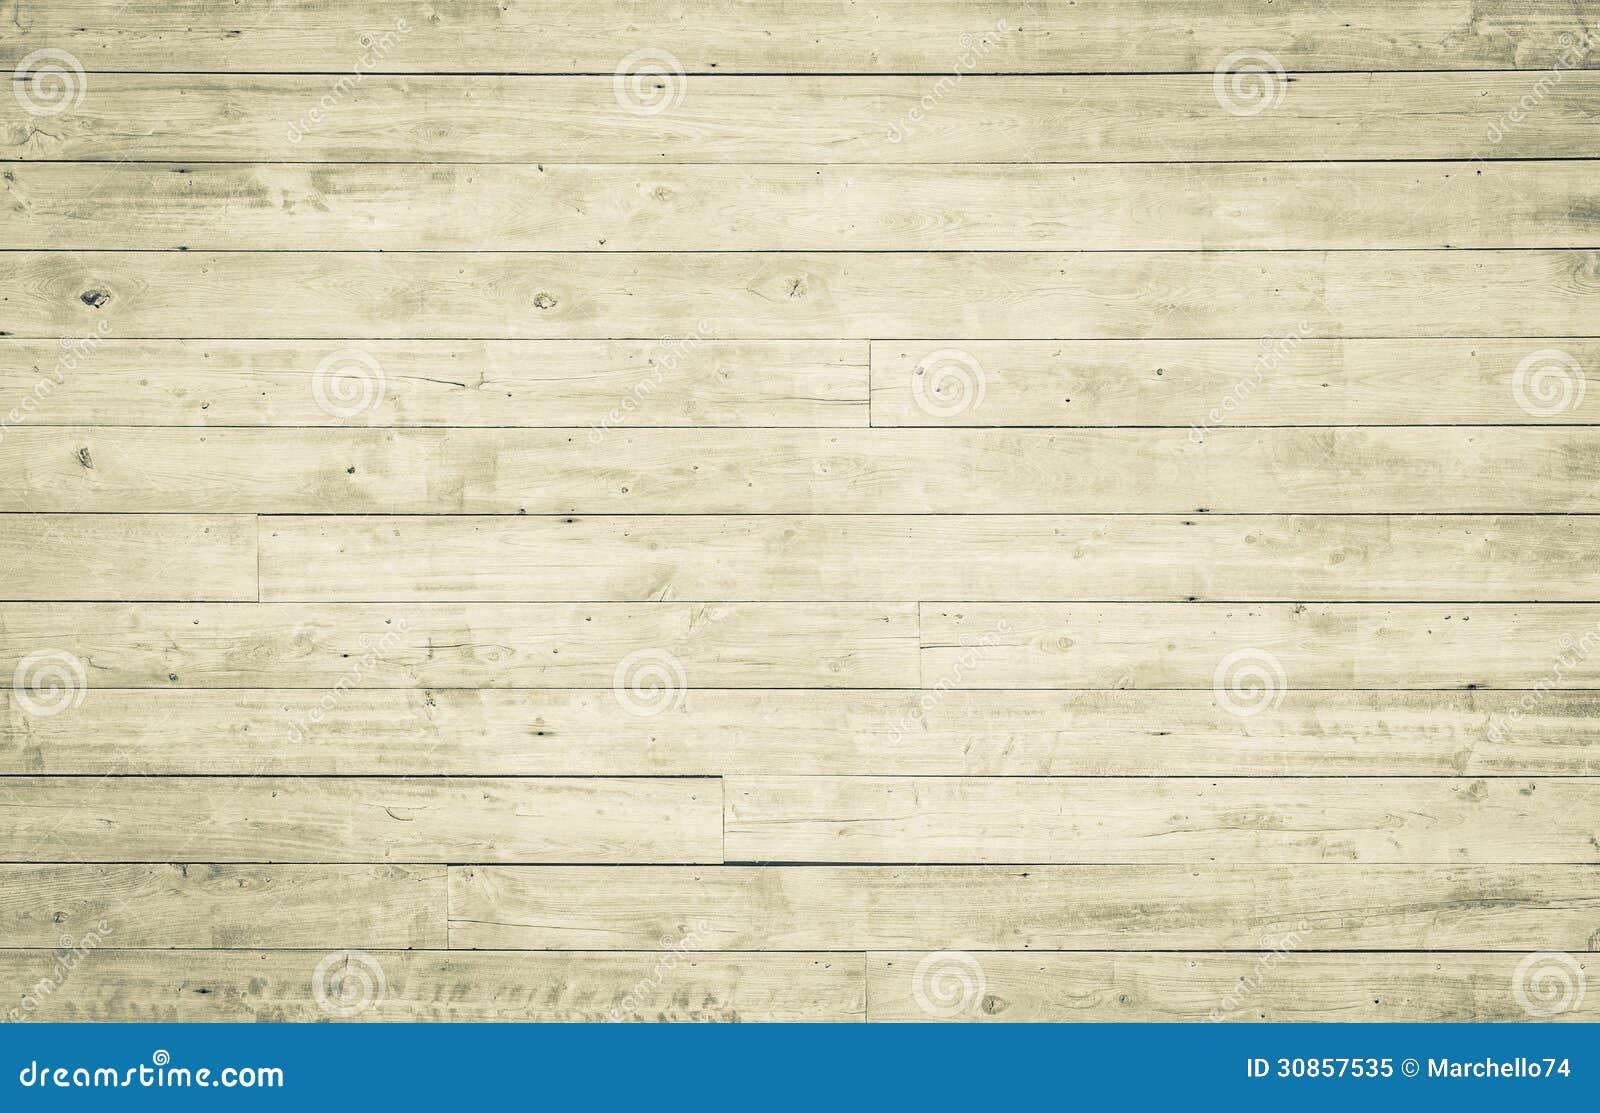 Planche en bois horizontale photo libre de droits image - Planche a dessin en bois ...